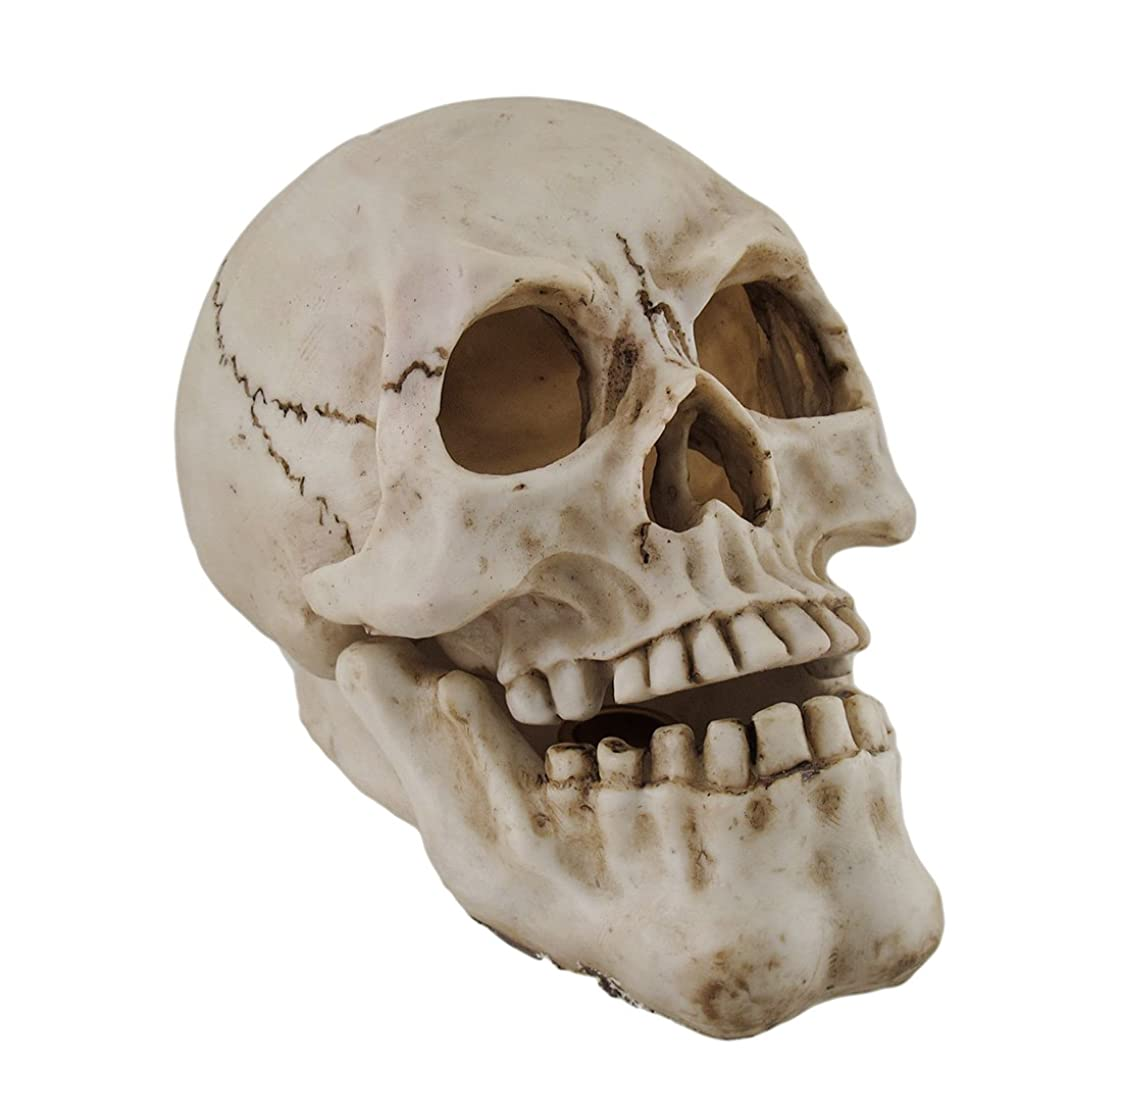 ロケット突撃ジャケット樹脂IncenseホルダーHuman Skull Shaped Incense Burnerボックス7.75?X 5.75?X 4.5インチホワイトモデル# pwh-63